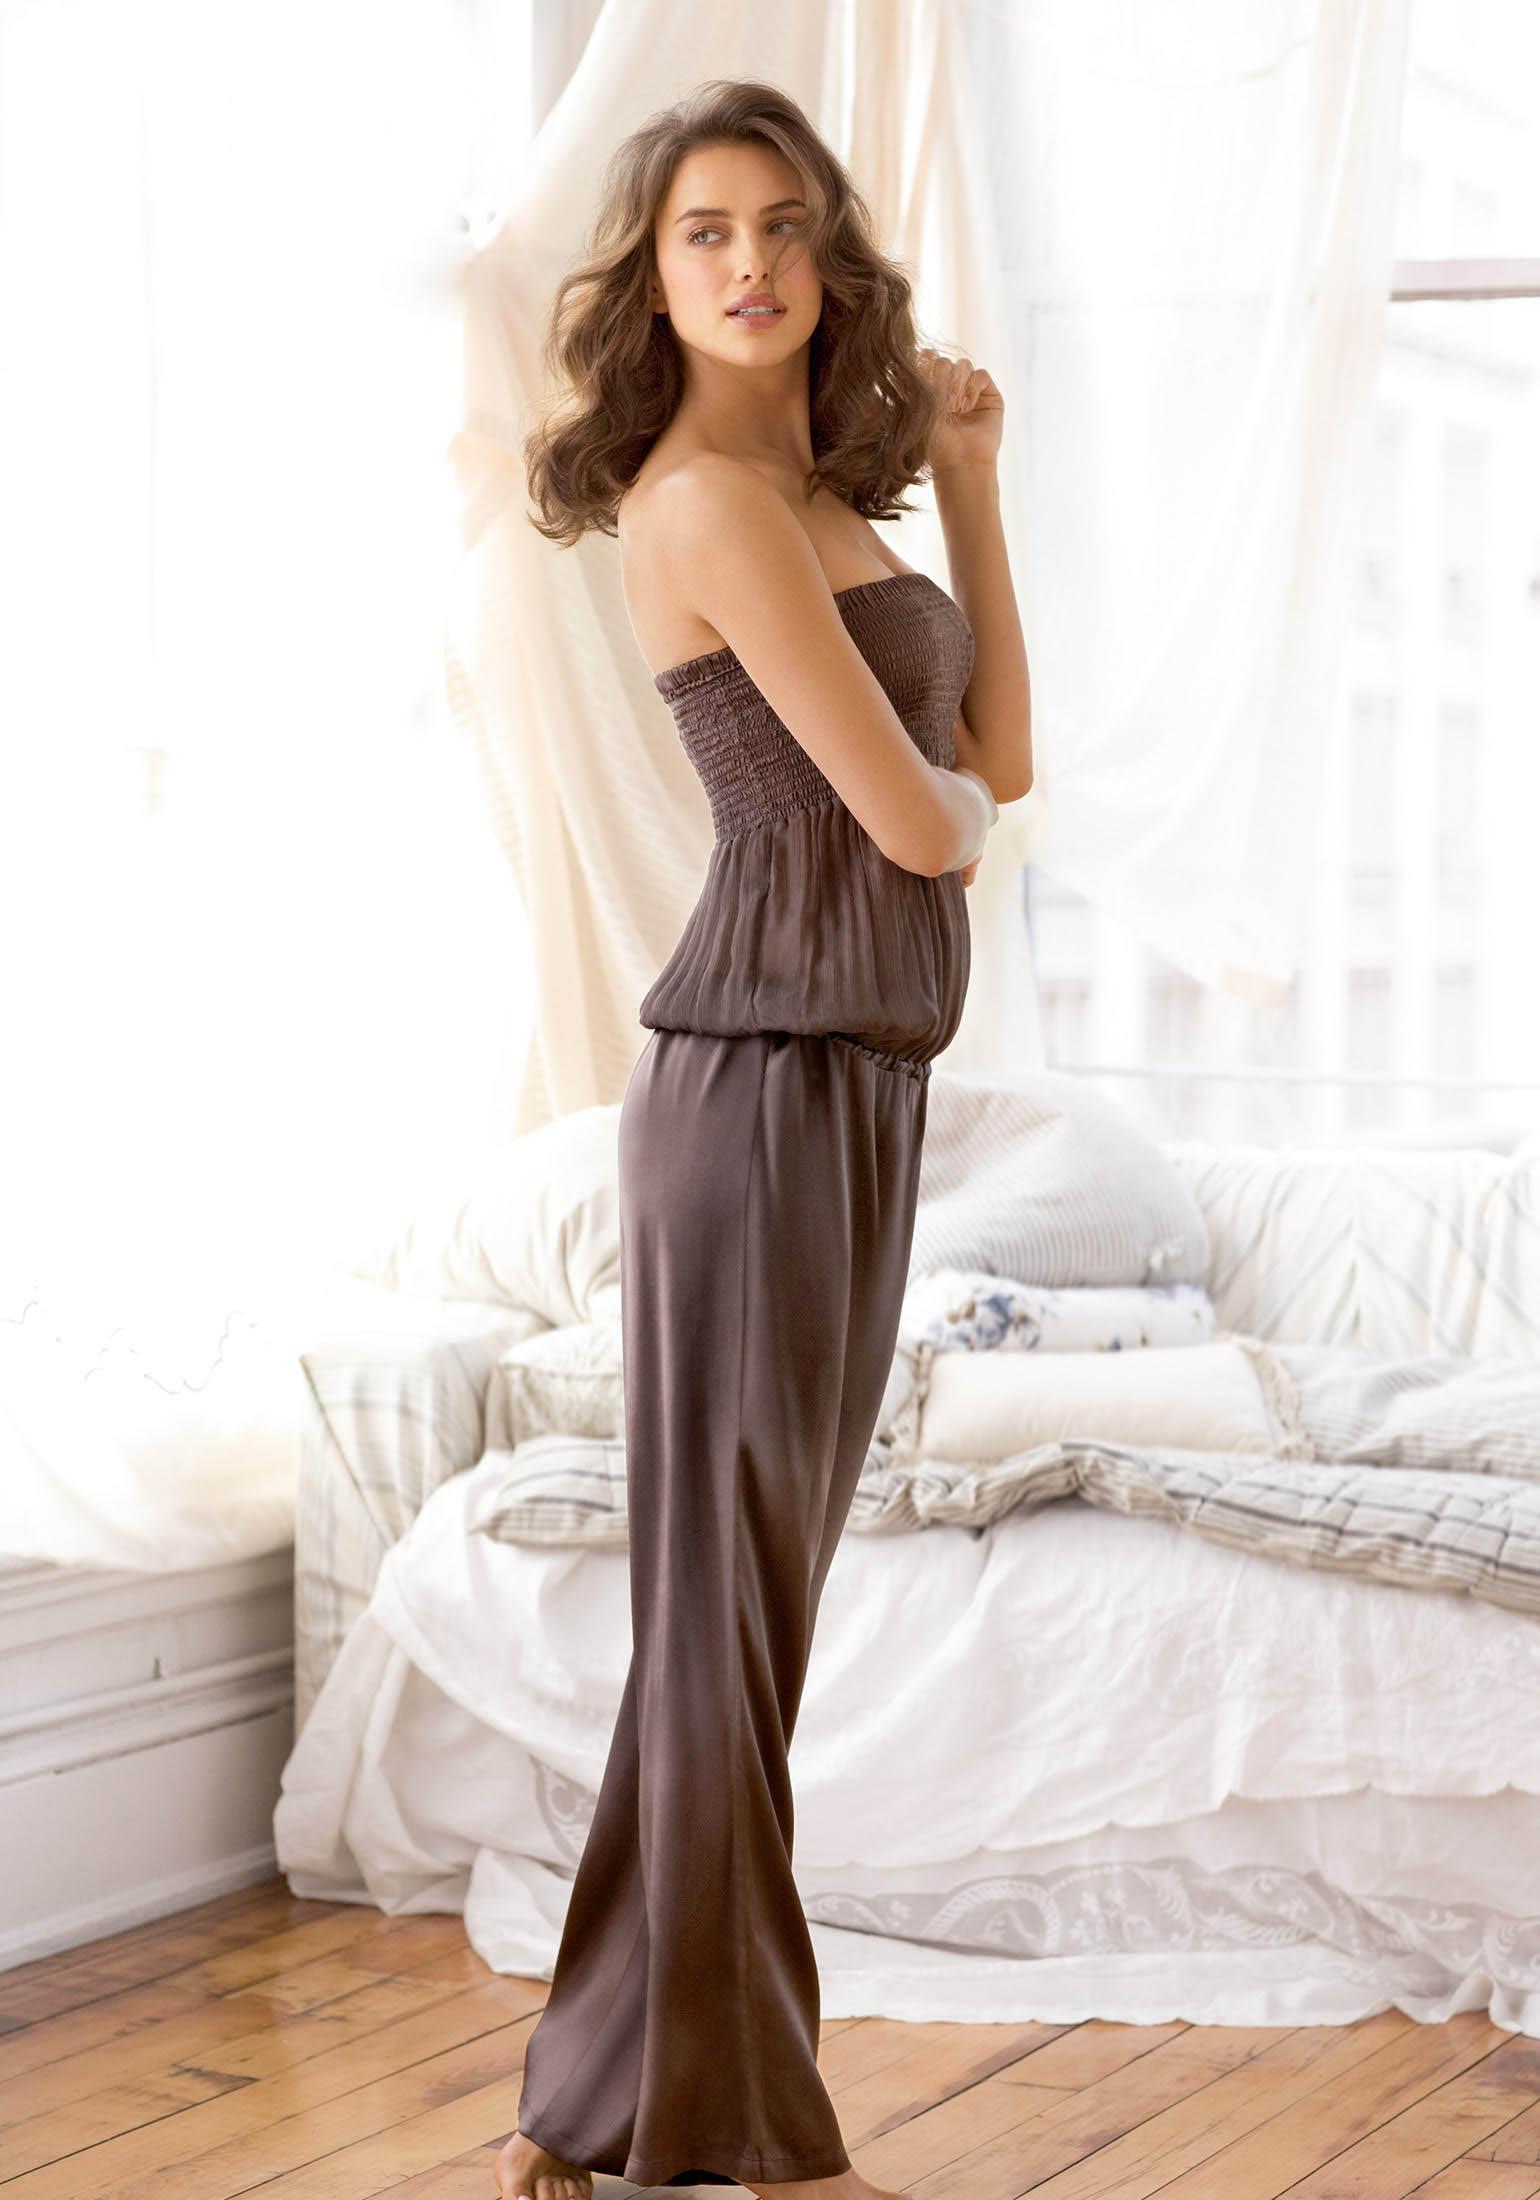 irina shayk10 Model Irina Shayk, Christiano Ronaldo`s Girlfriend